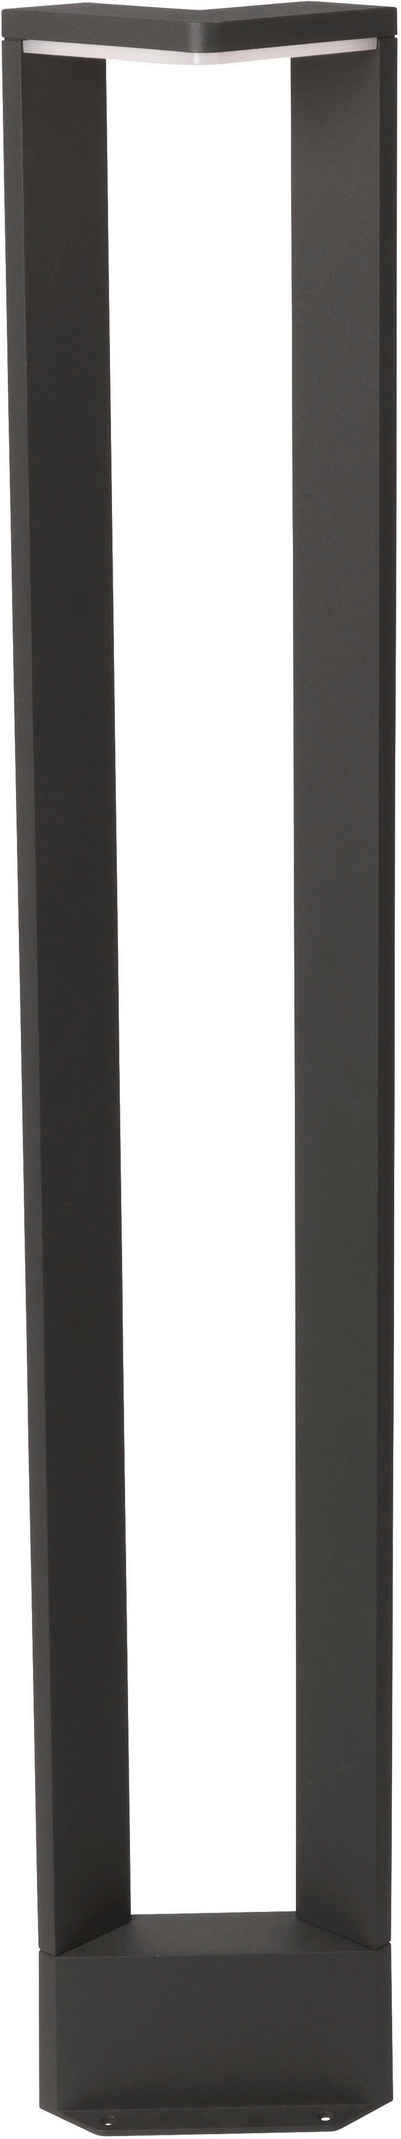 HEITRONIC Außen-Stehlampe »Bonita«, Hoher Lichtstrom mit 600 lm